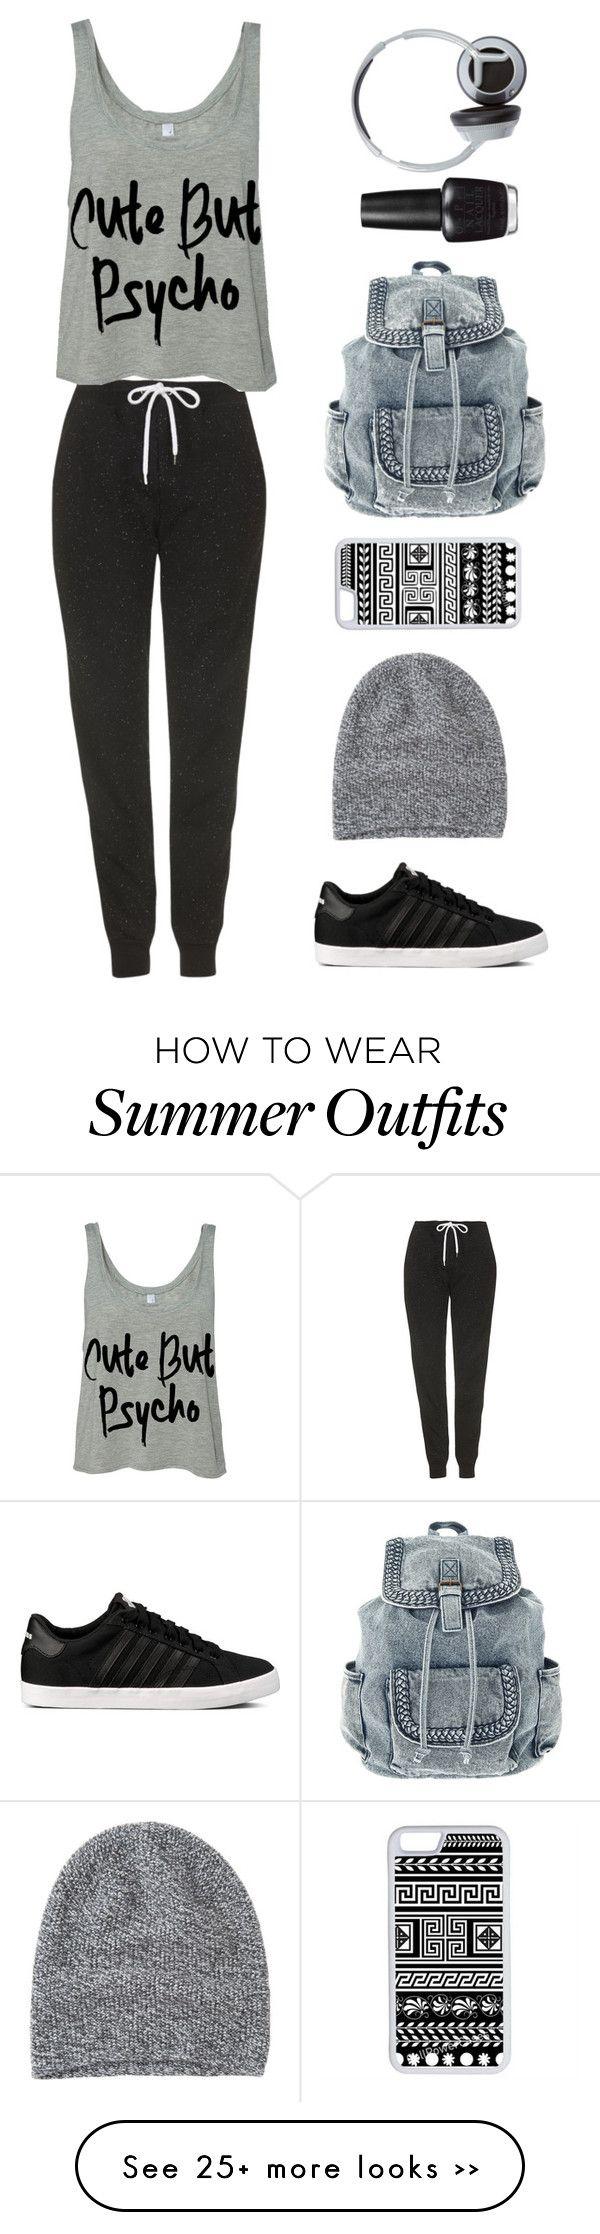 Un outfit para la escuela AVISO IMPORTANTE!!!! Todos los outfits o looks que yo público ya los he probado